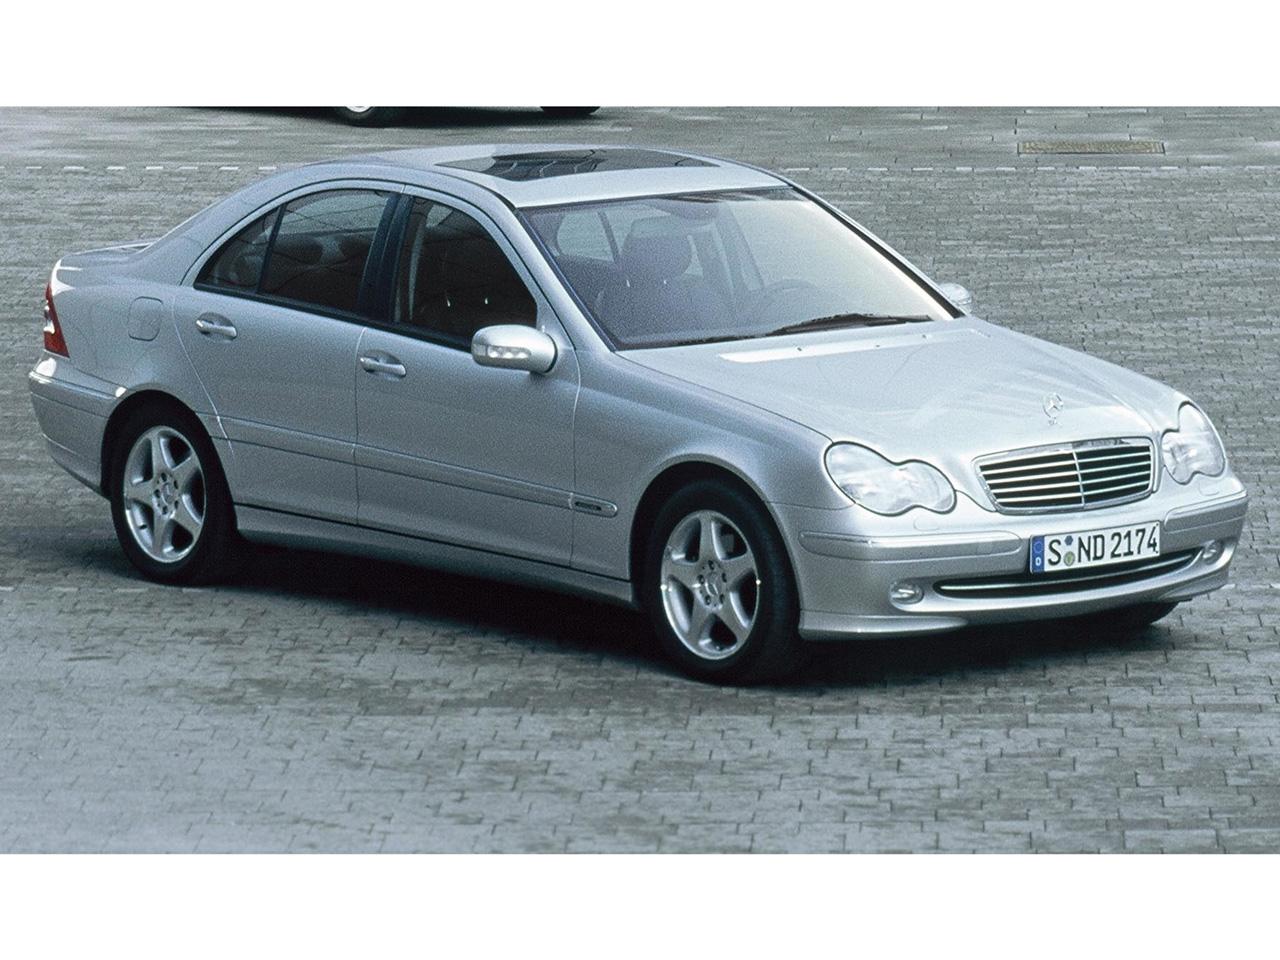 メルセデス・ベンツ Cクラス セダン 2000年モデル 新車画像